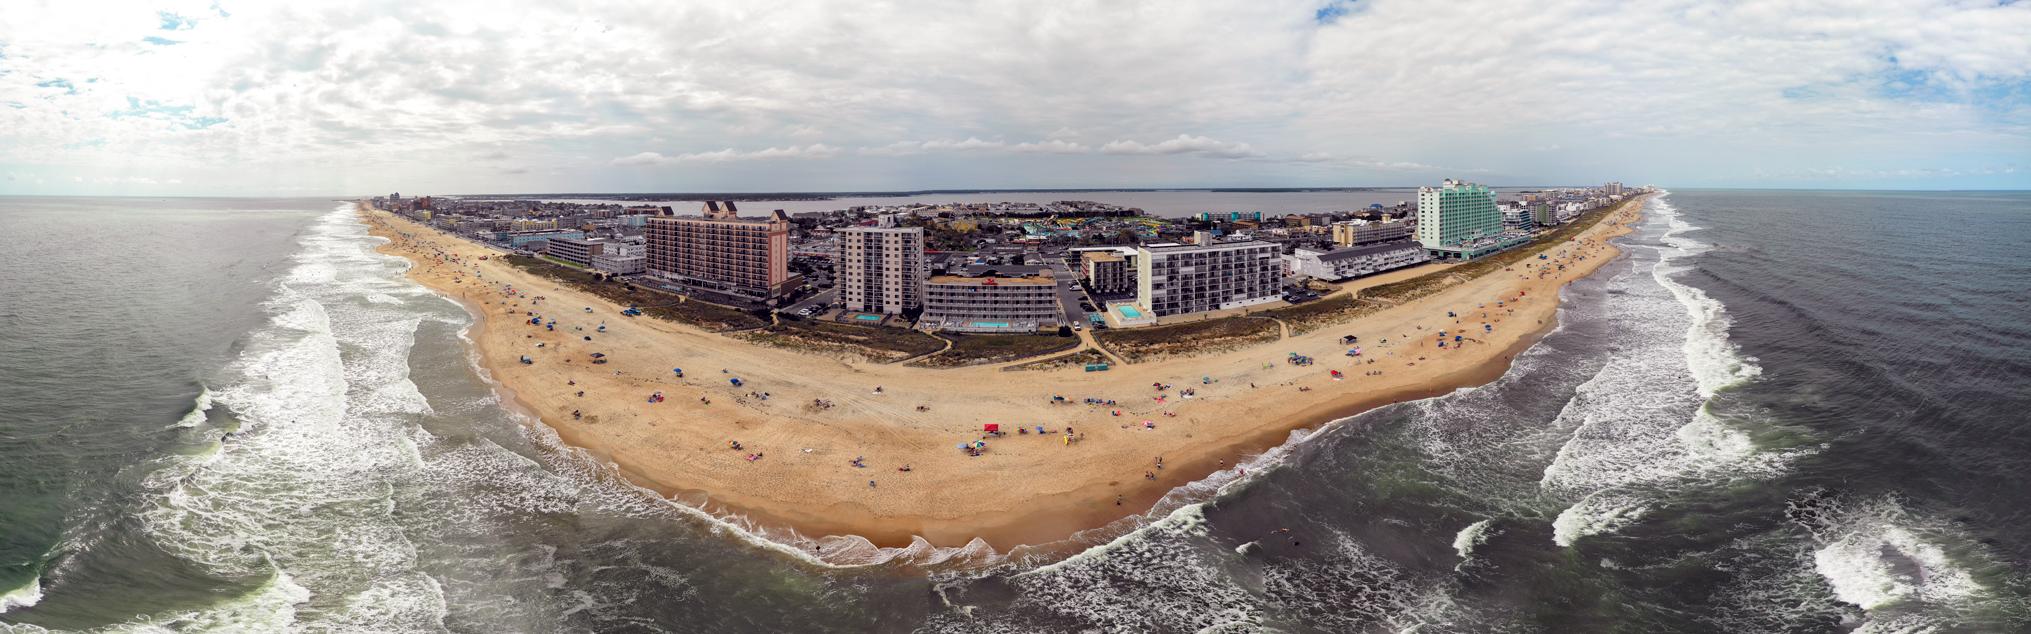 Ocean City Boardwalk